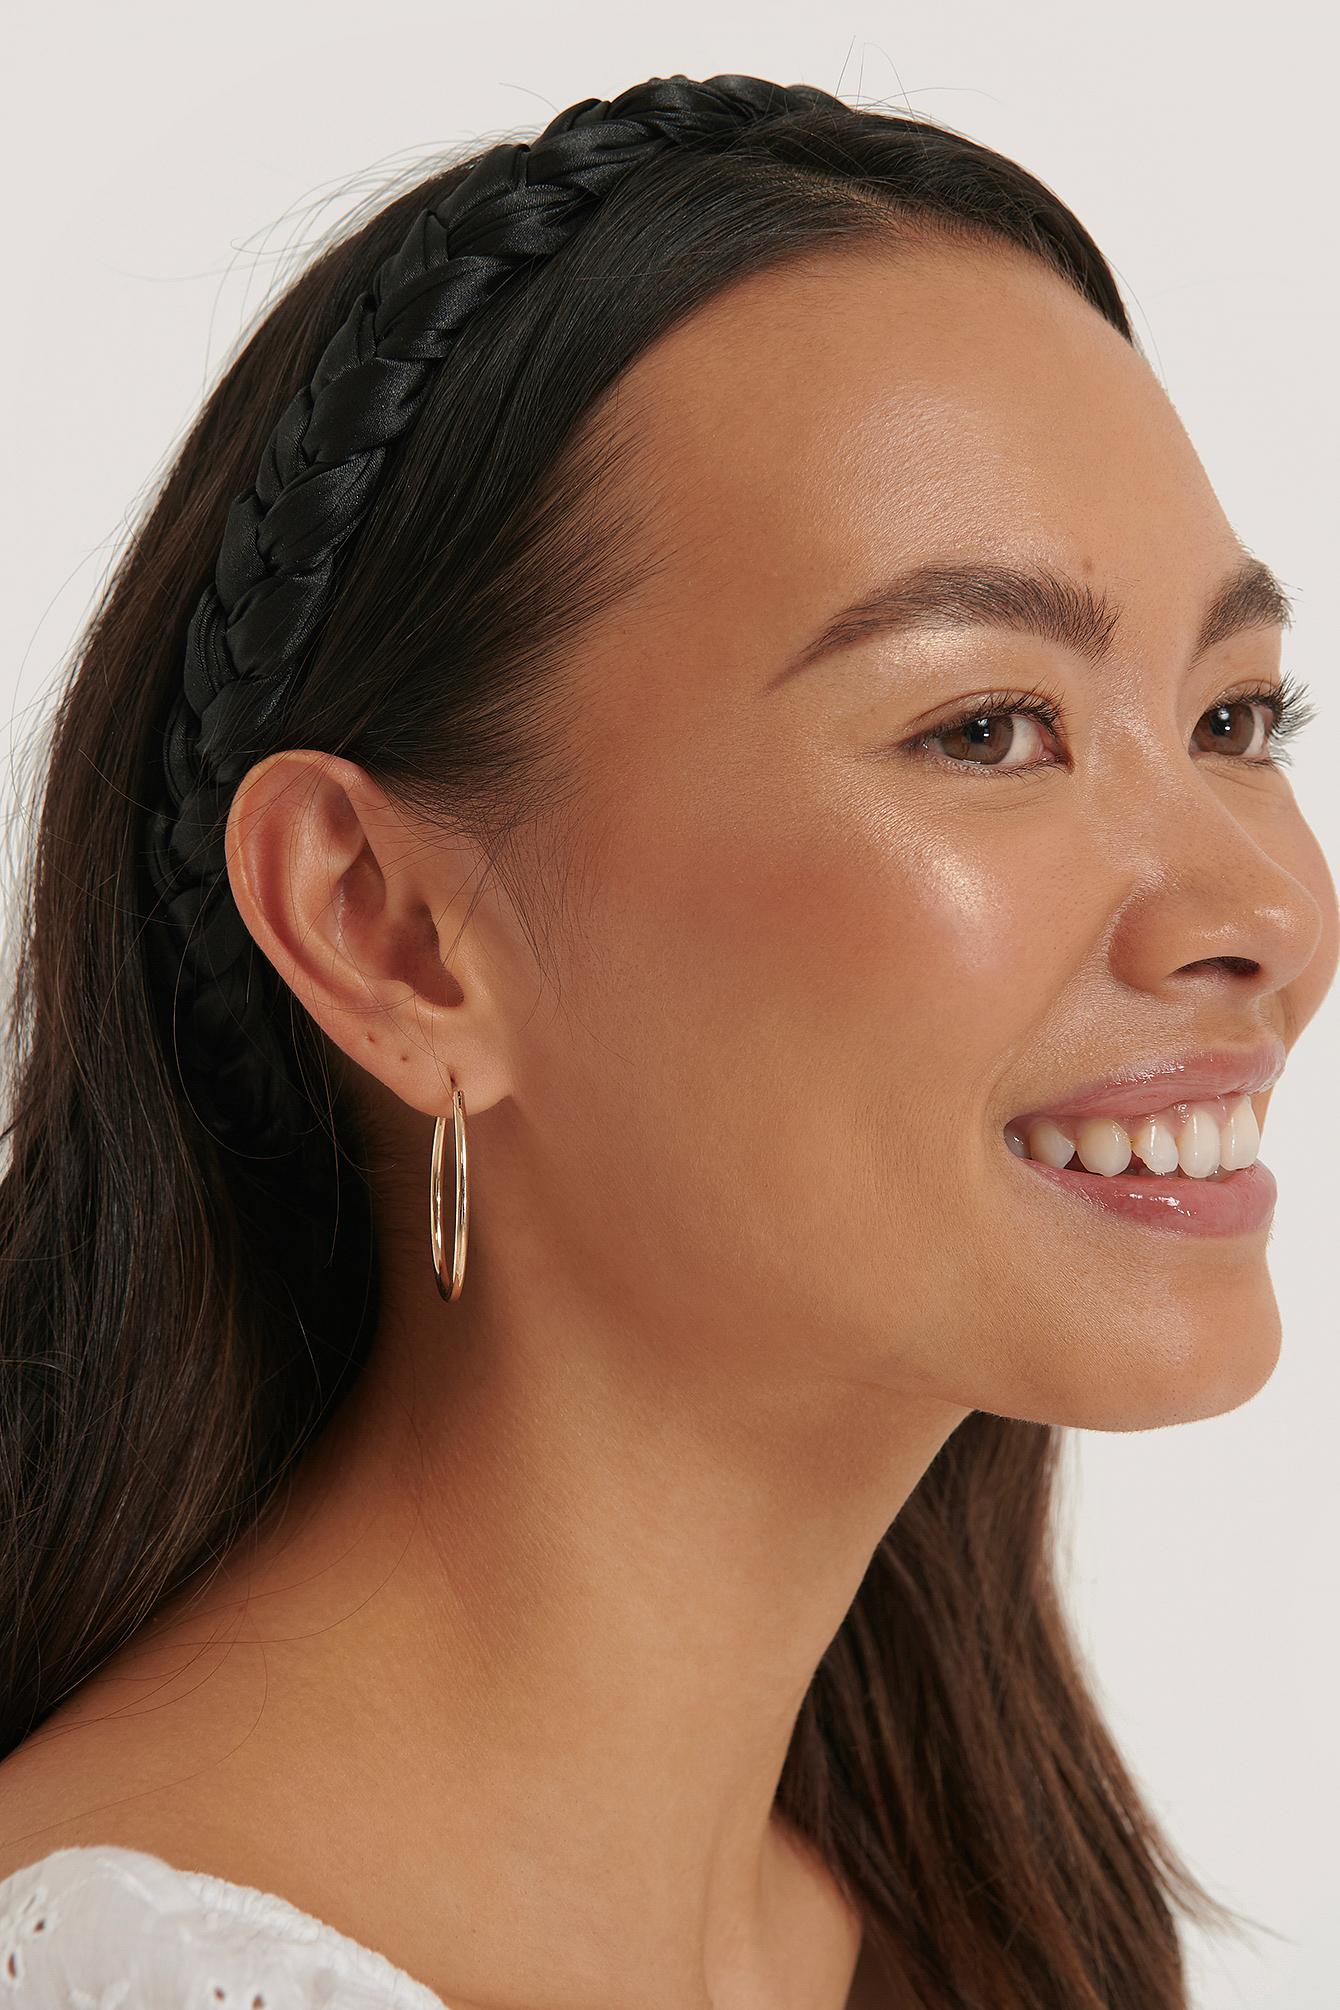 na-kd accessories -  Braided Hairband - Black